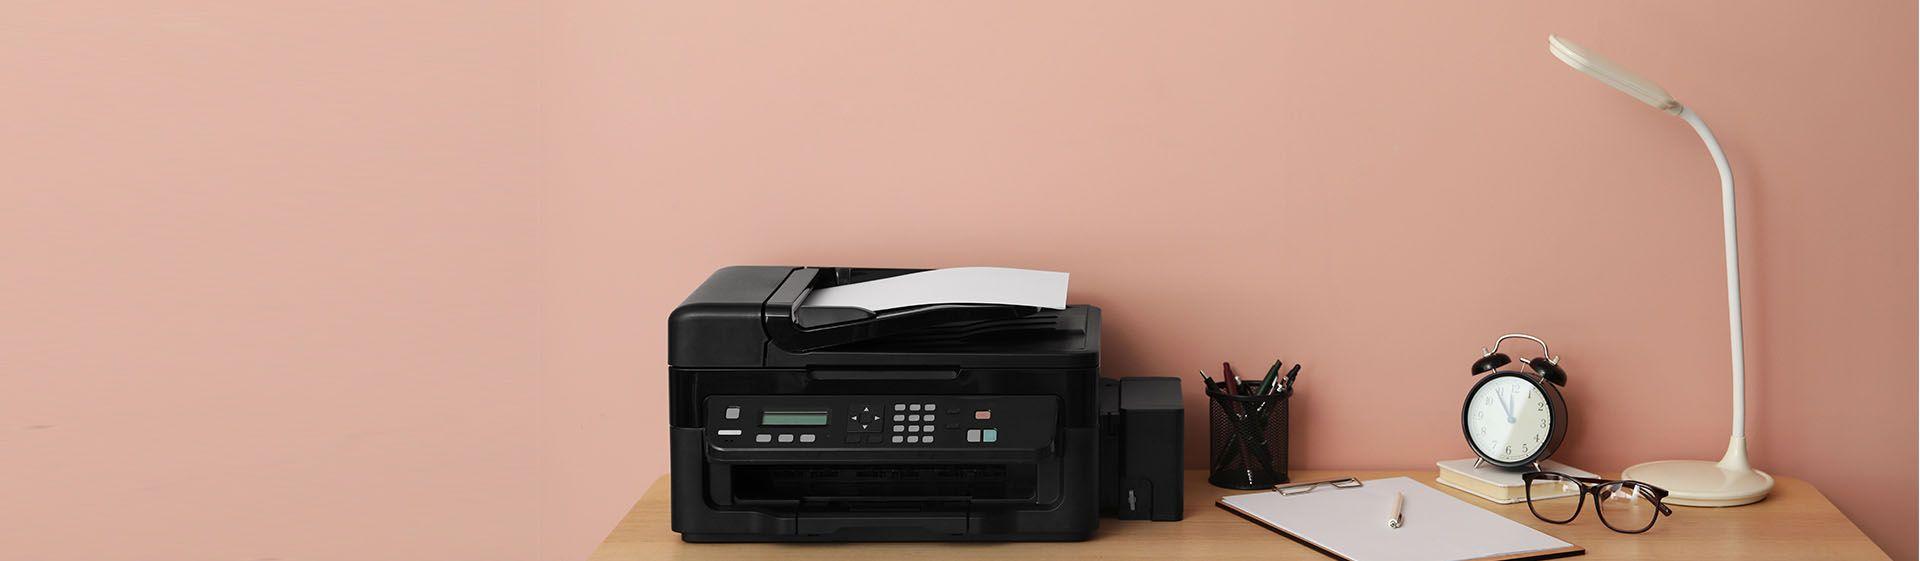 Melhor impressora e multifuncional em 2020: veja modelos para comprar